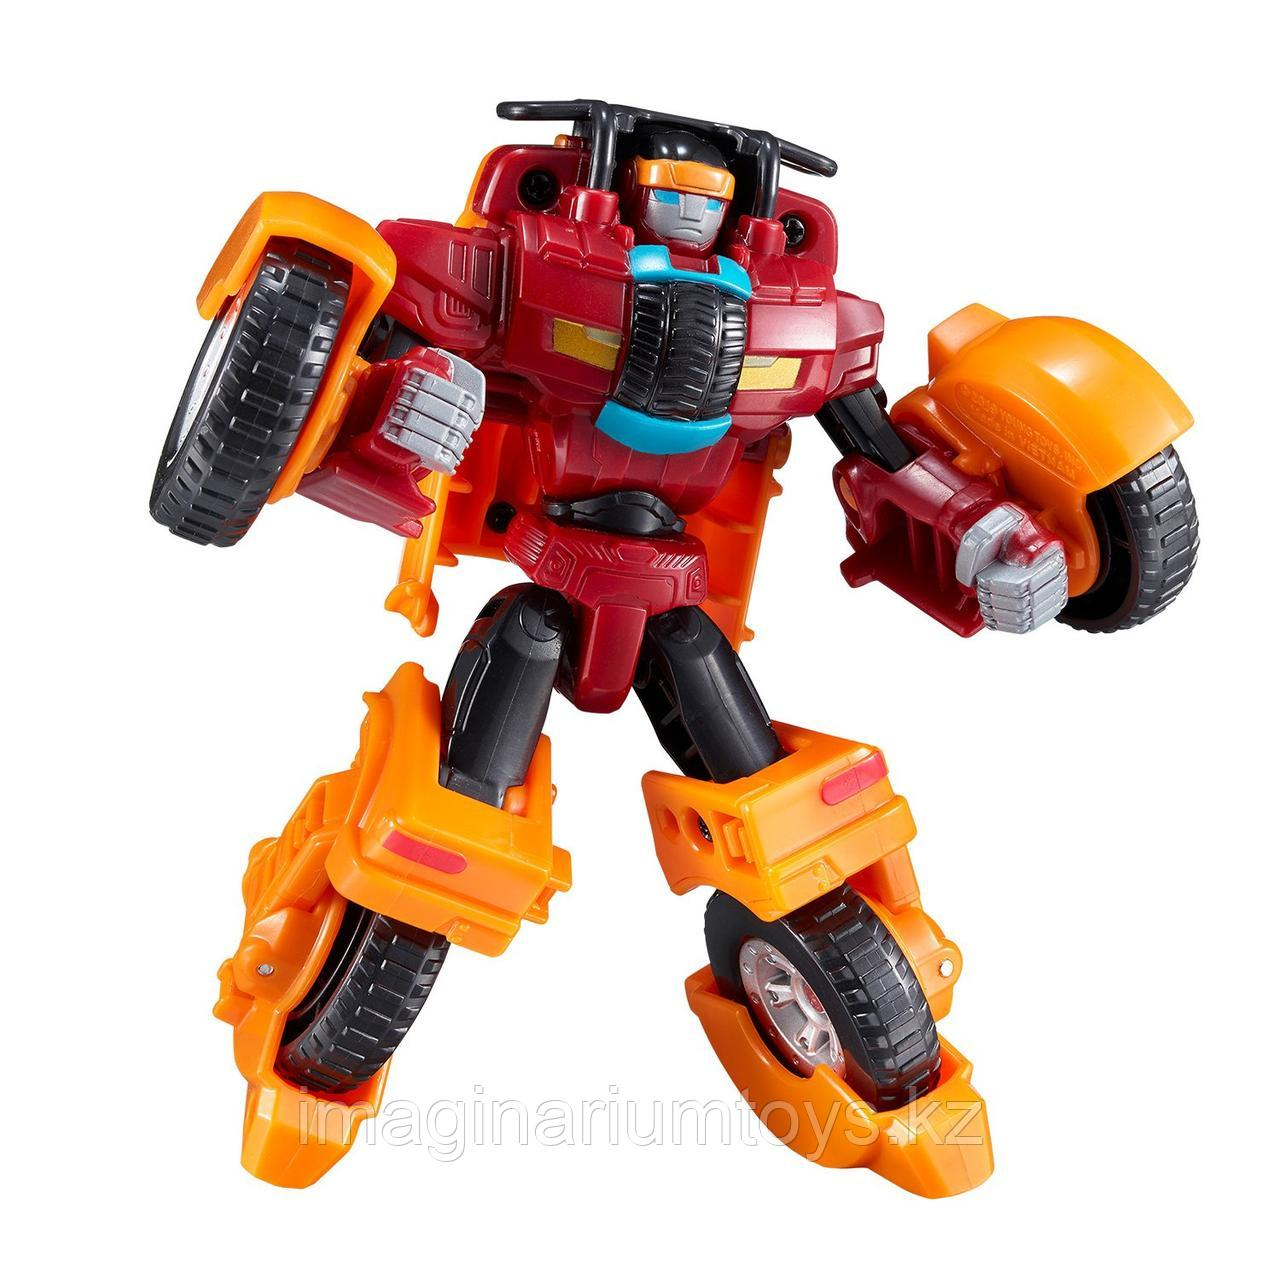 Робот Тобот трансформер мини Монстр Детективы Галлактики